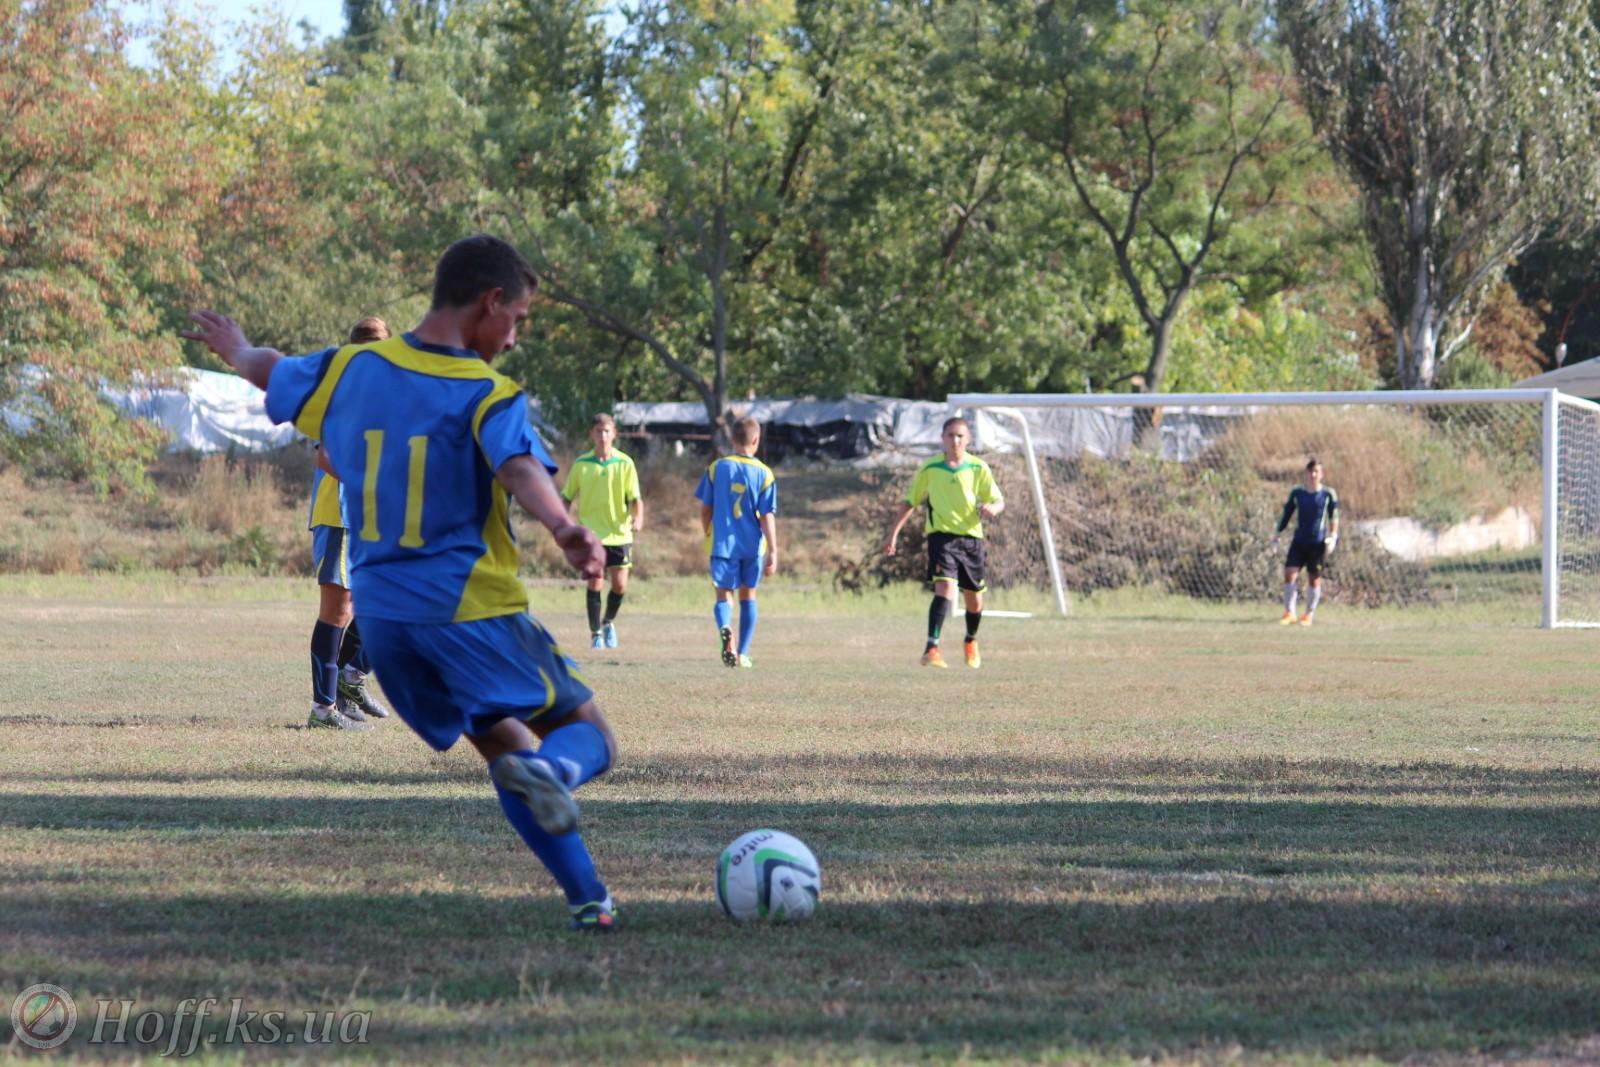 Відбулись  матчі першого туру дитячо-юнацької футбольної ліги Херсонської області.